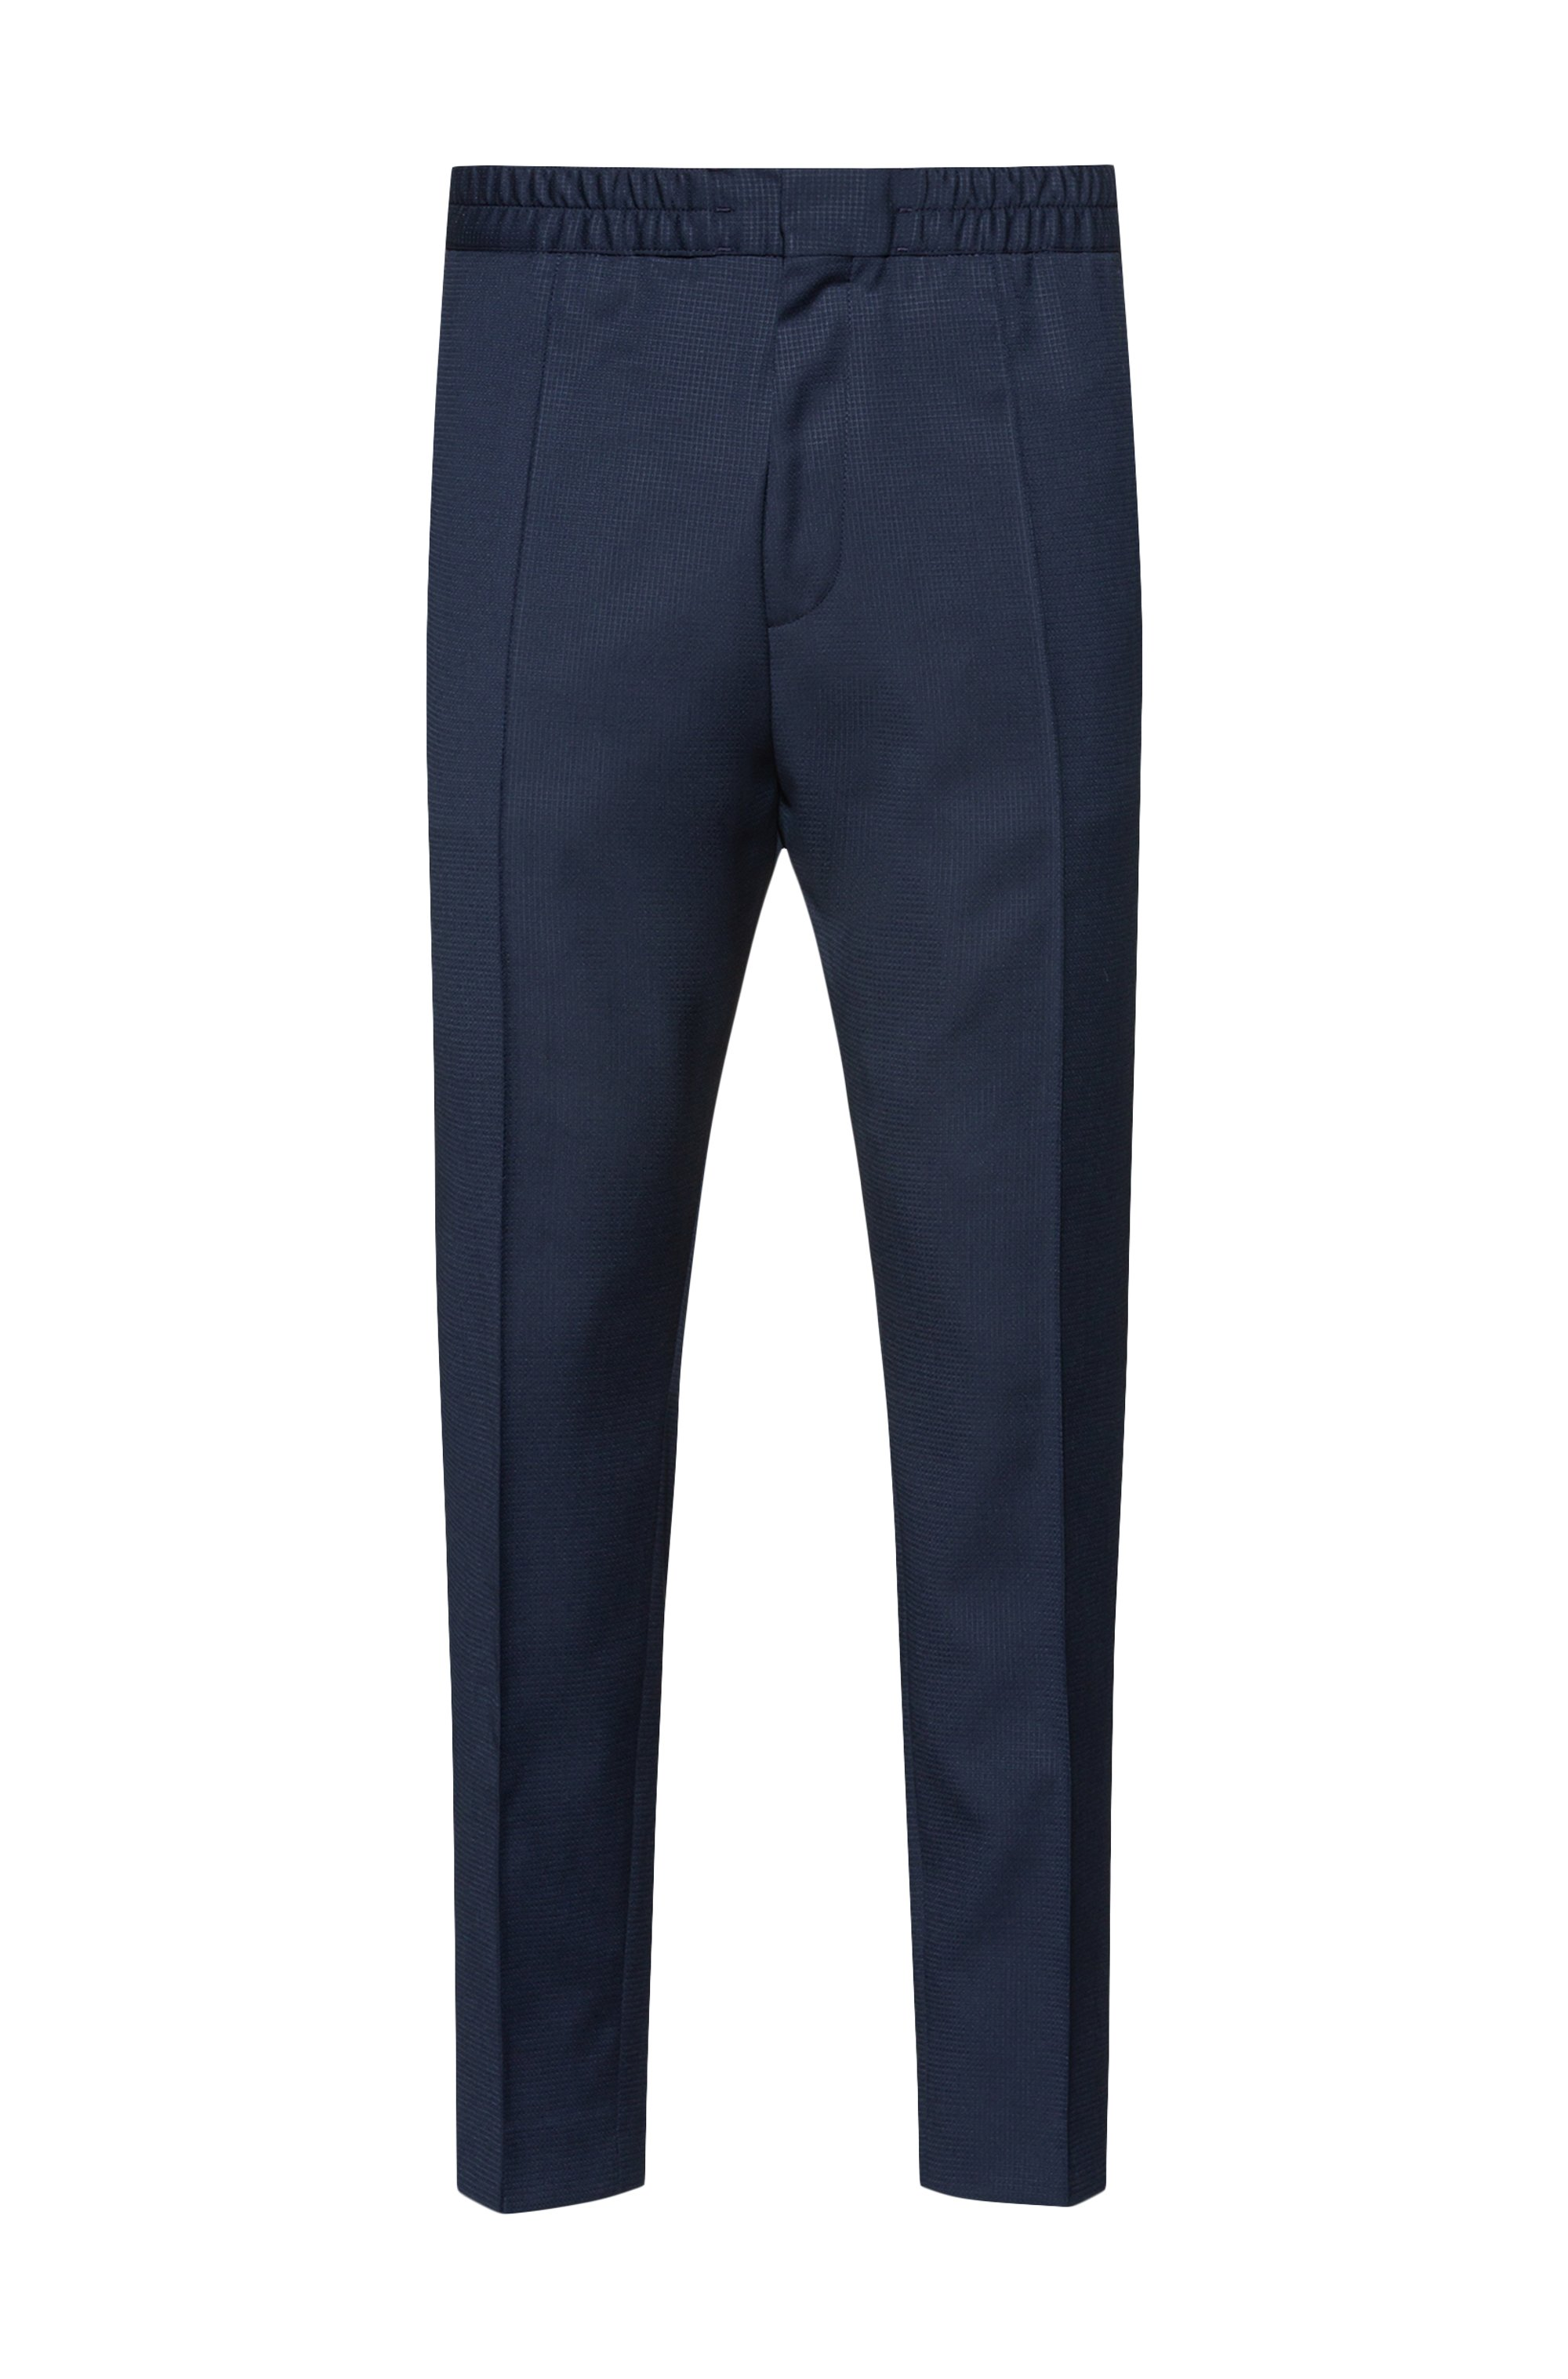 Pantalon Extra Slim Fit en laine mélangée traçable, Bleu foncé